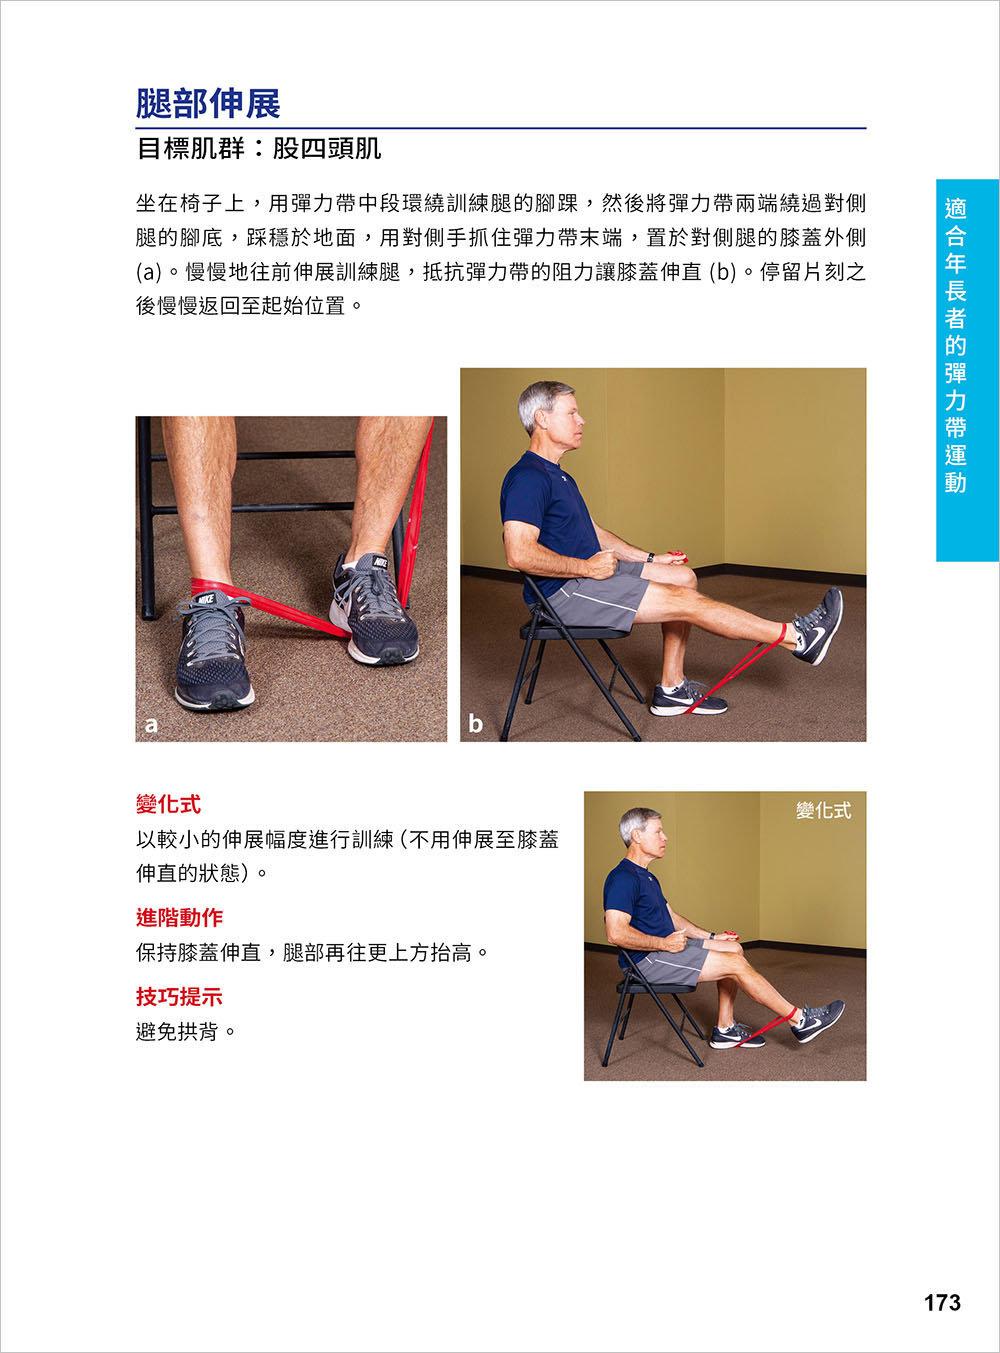 彈性阻力帶肌力訓練大全 162 式最新版 : 健身與功能性訓練、復健與預防肌少症 全適用-preview-6